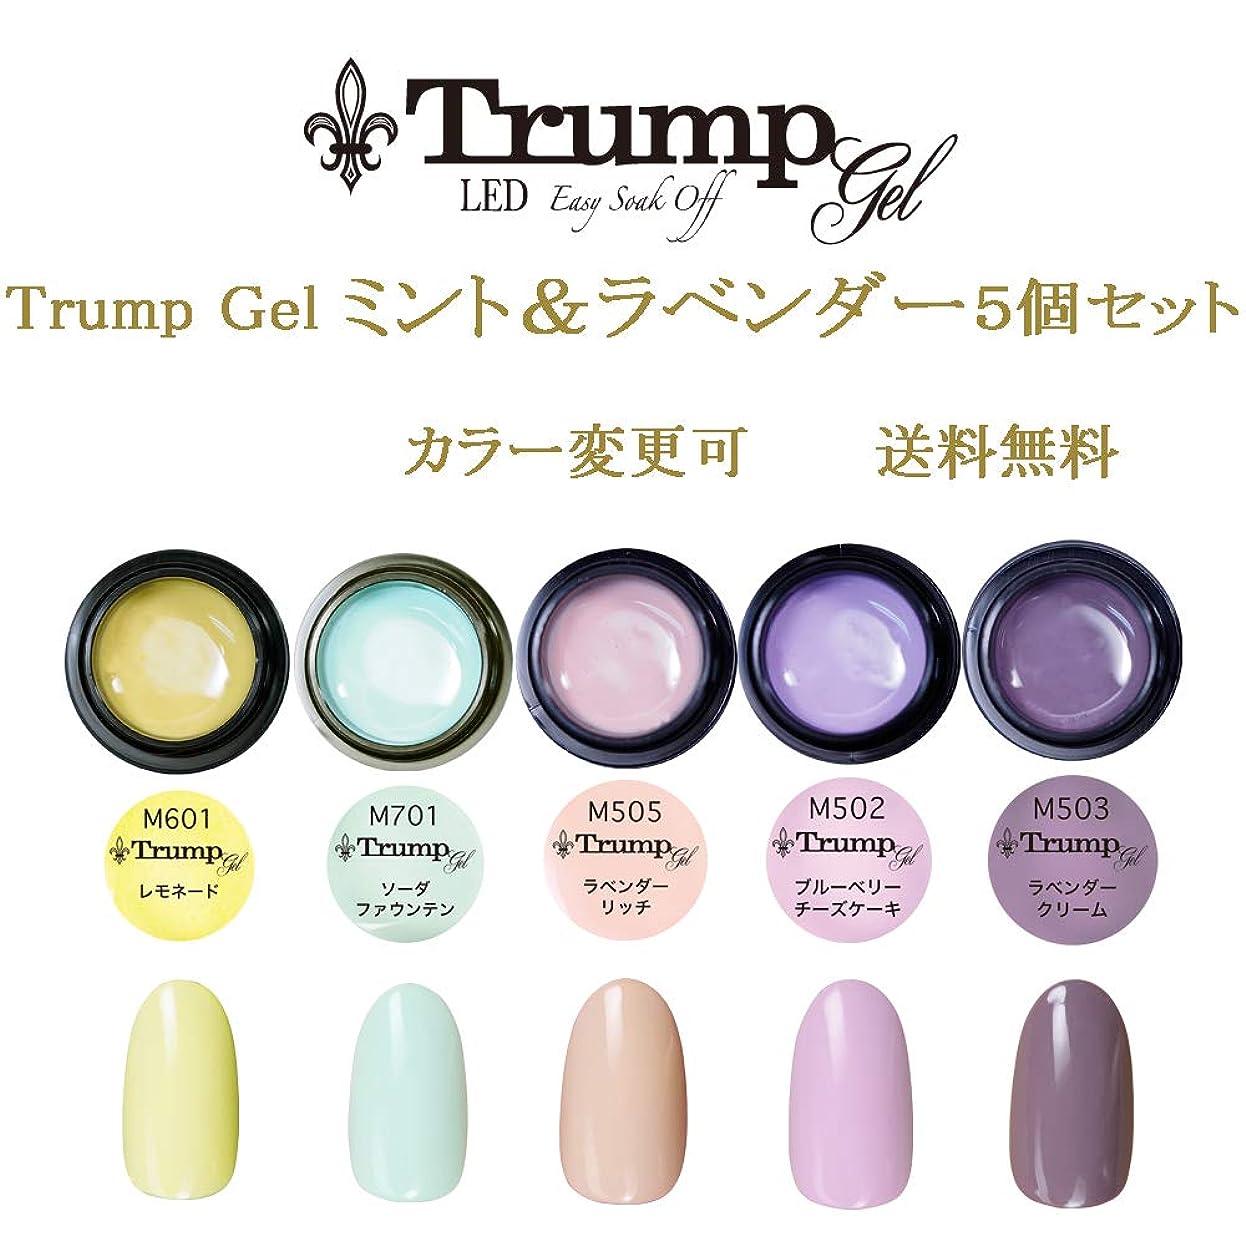 繁殖憂鬱テレビ局【送料無料】日本製 Trump gel トランプジェル ミント&ラベンダー 選べる カラージェル 5個セット ラベンダー ベージュ ミントカラー